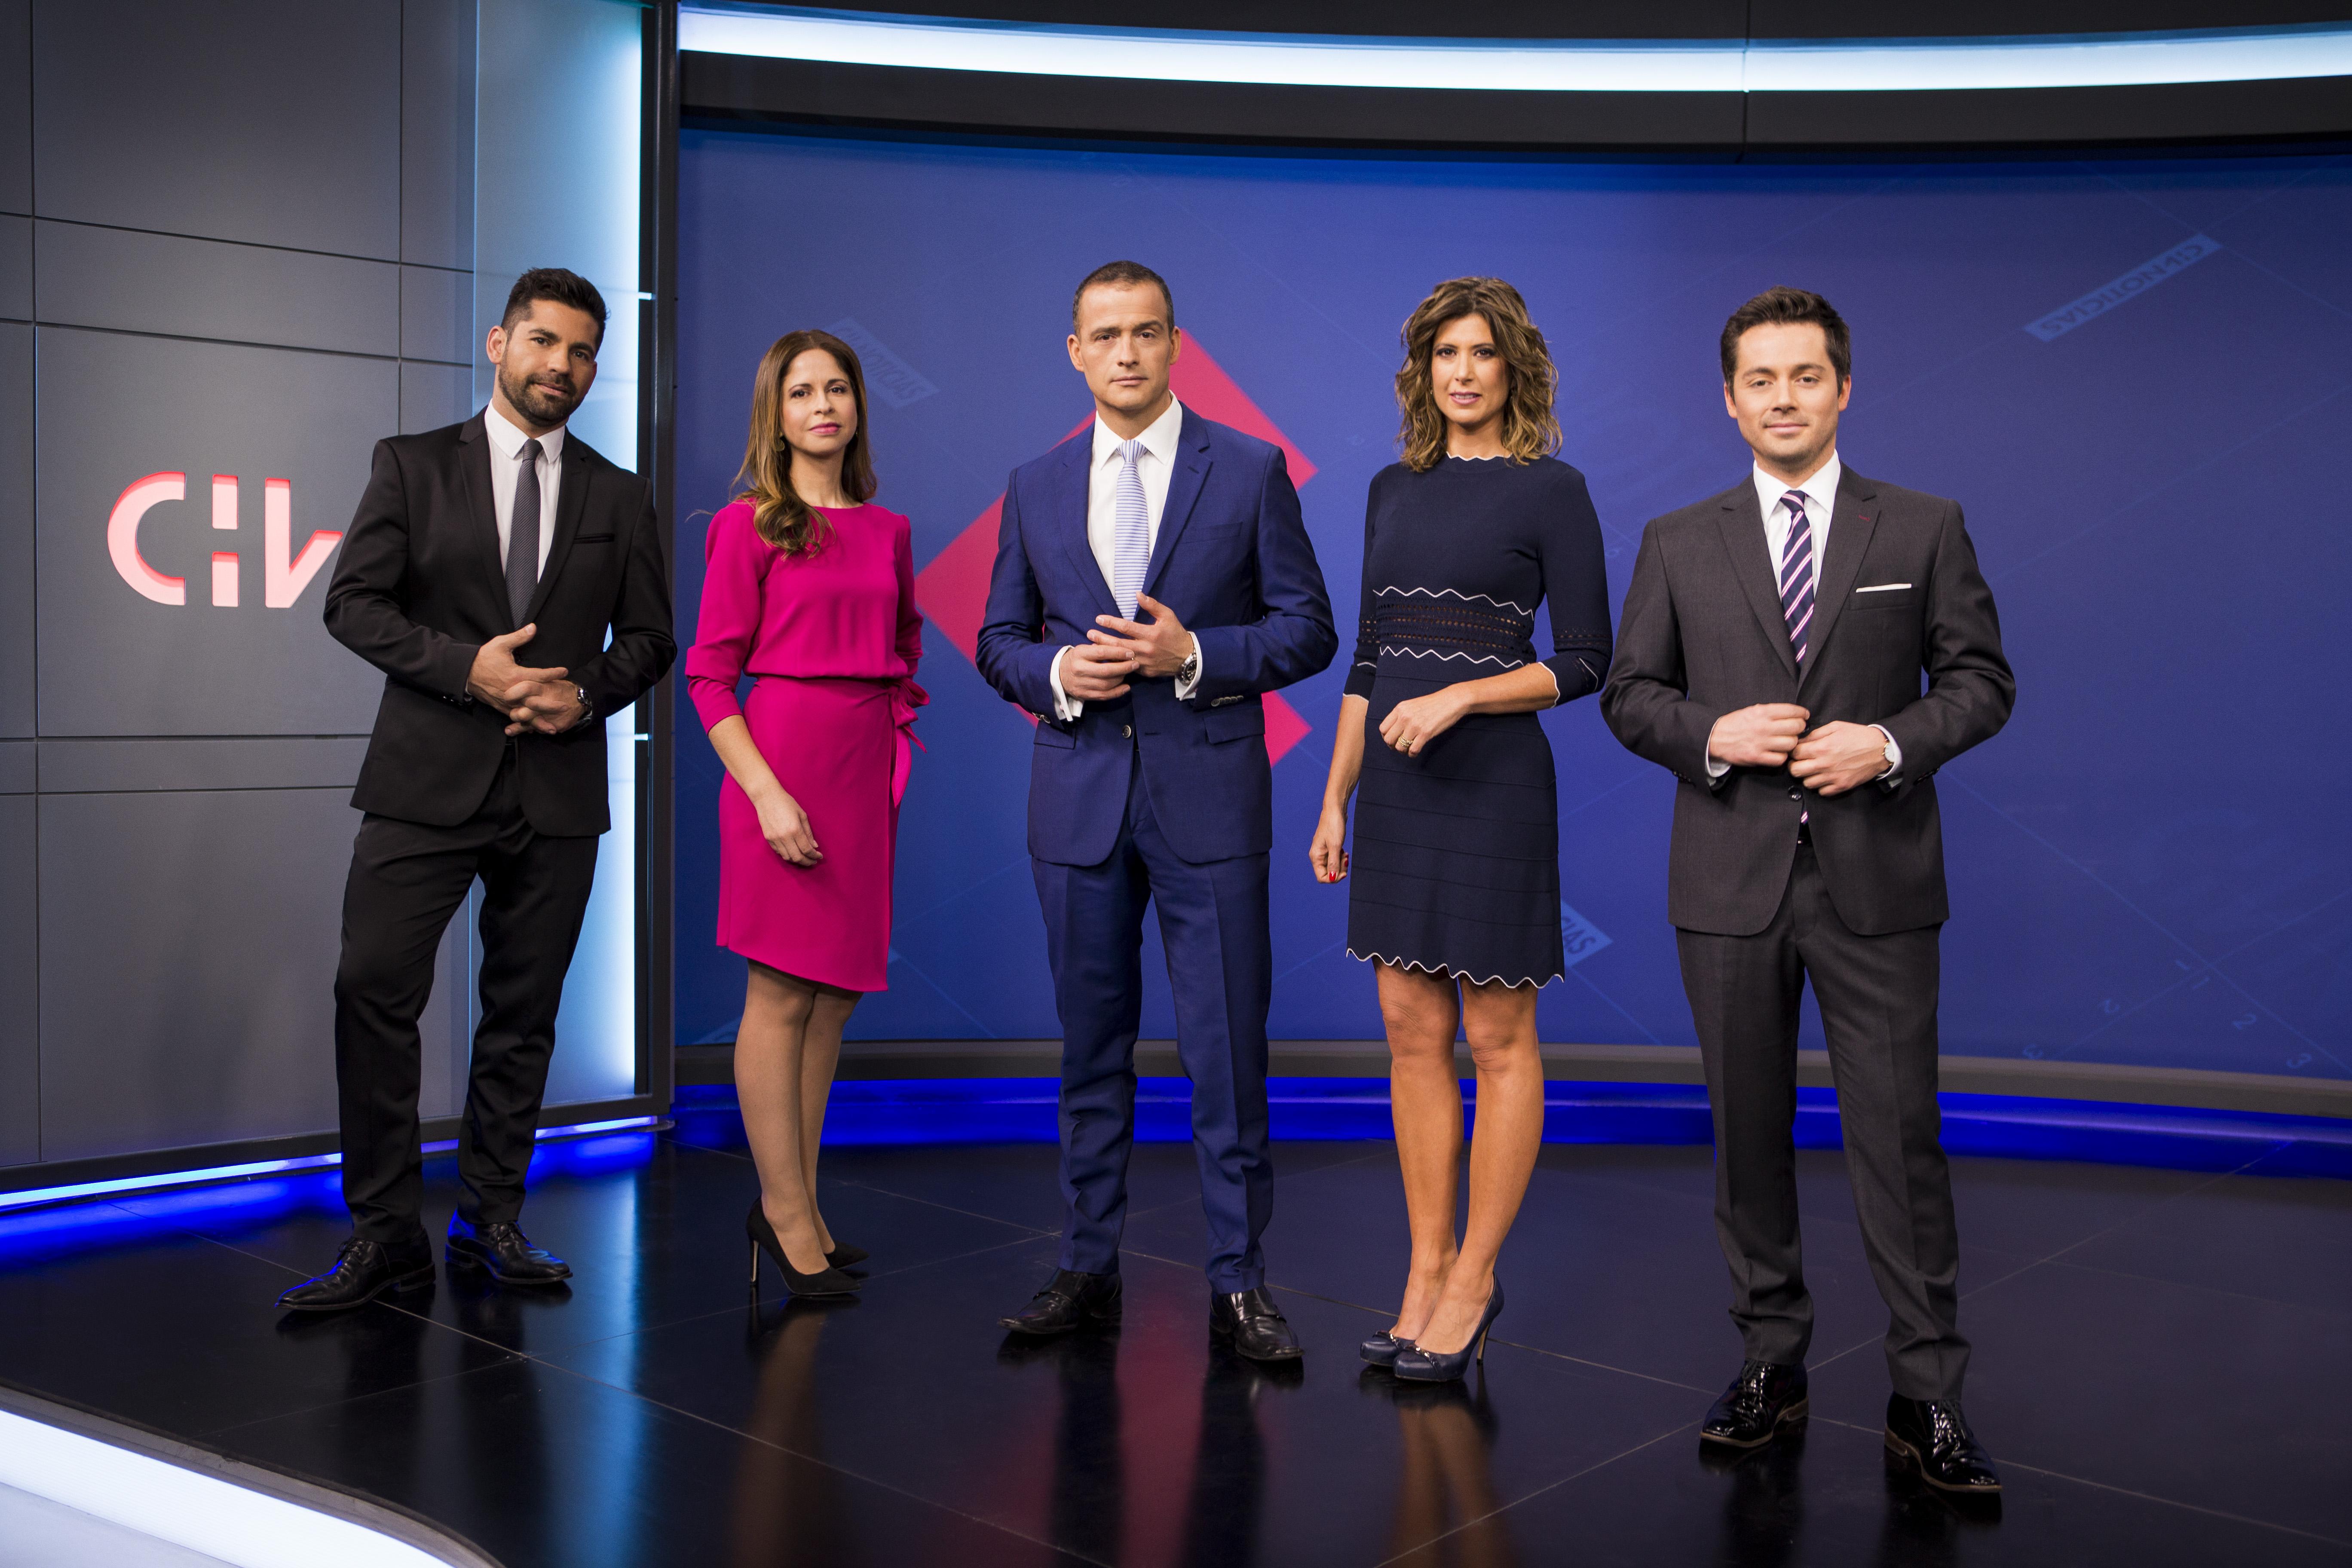 CHV Noticias debutó en nuevo horario de las 20:00 horas y se impuso en sintonía